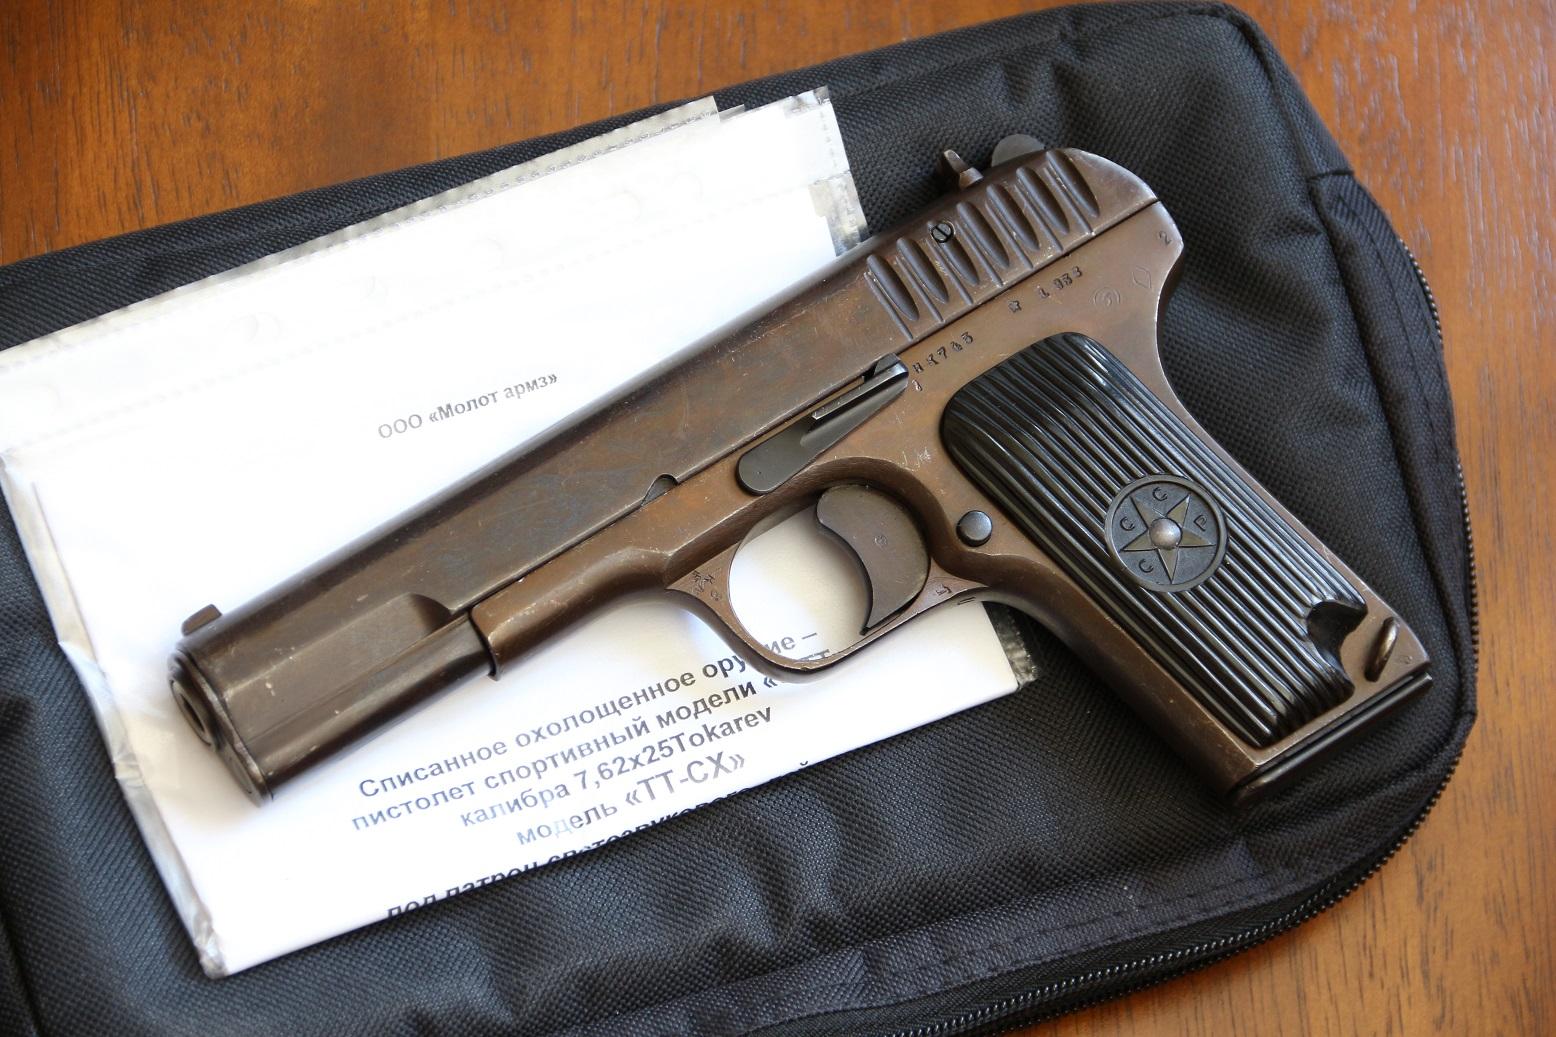 Охолощенный пистолет ТТ-СХ 1938 года, №НК 745, рыжий цвет, ДЕАКТИВ 2020 года